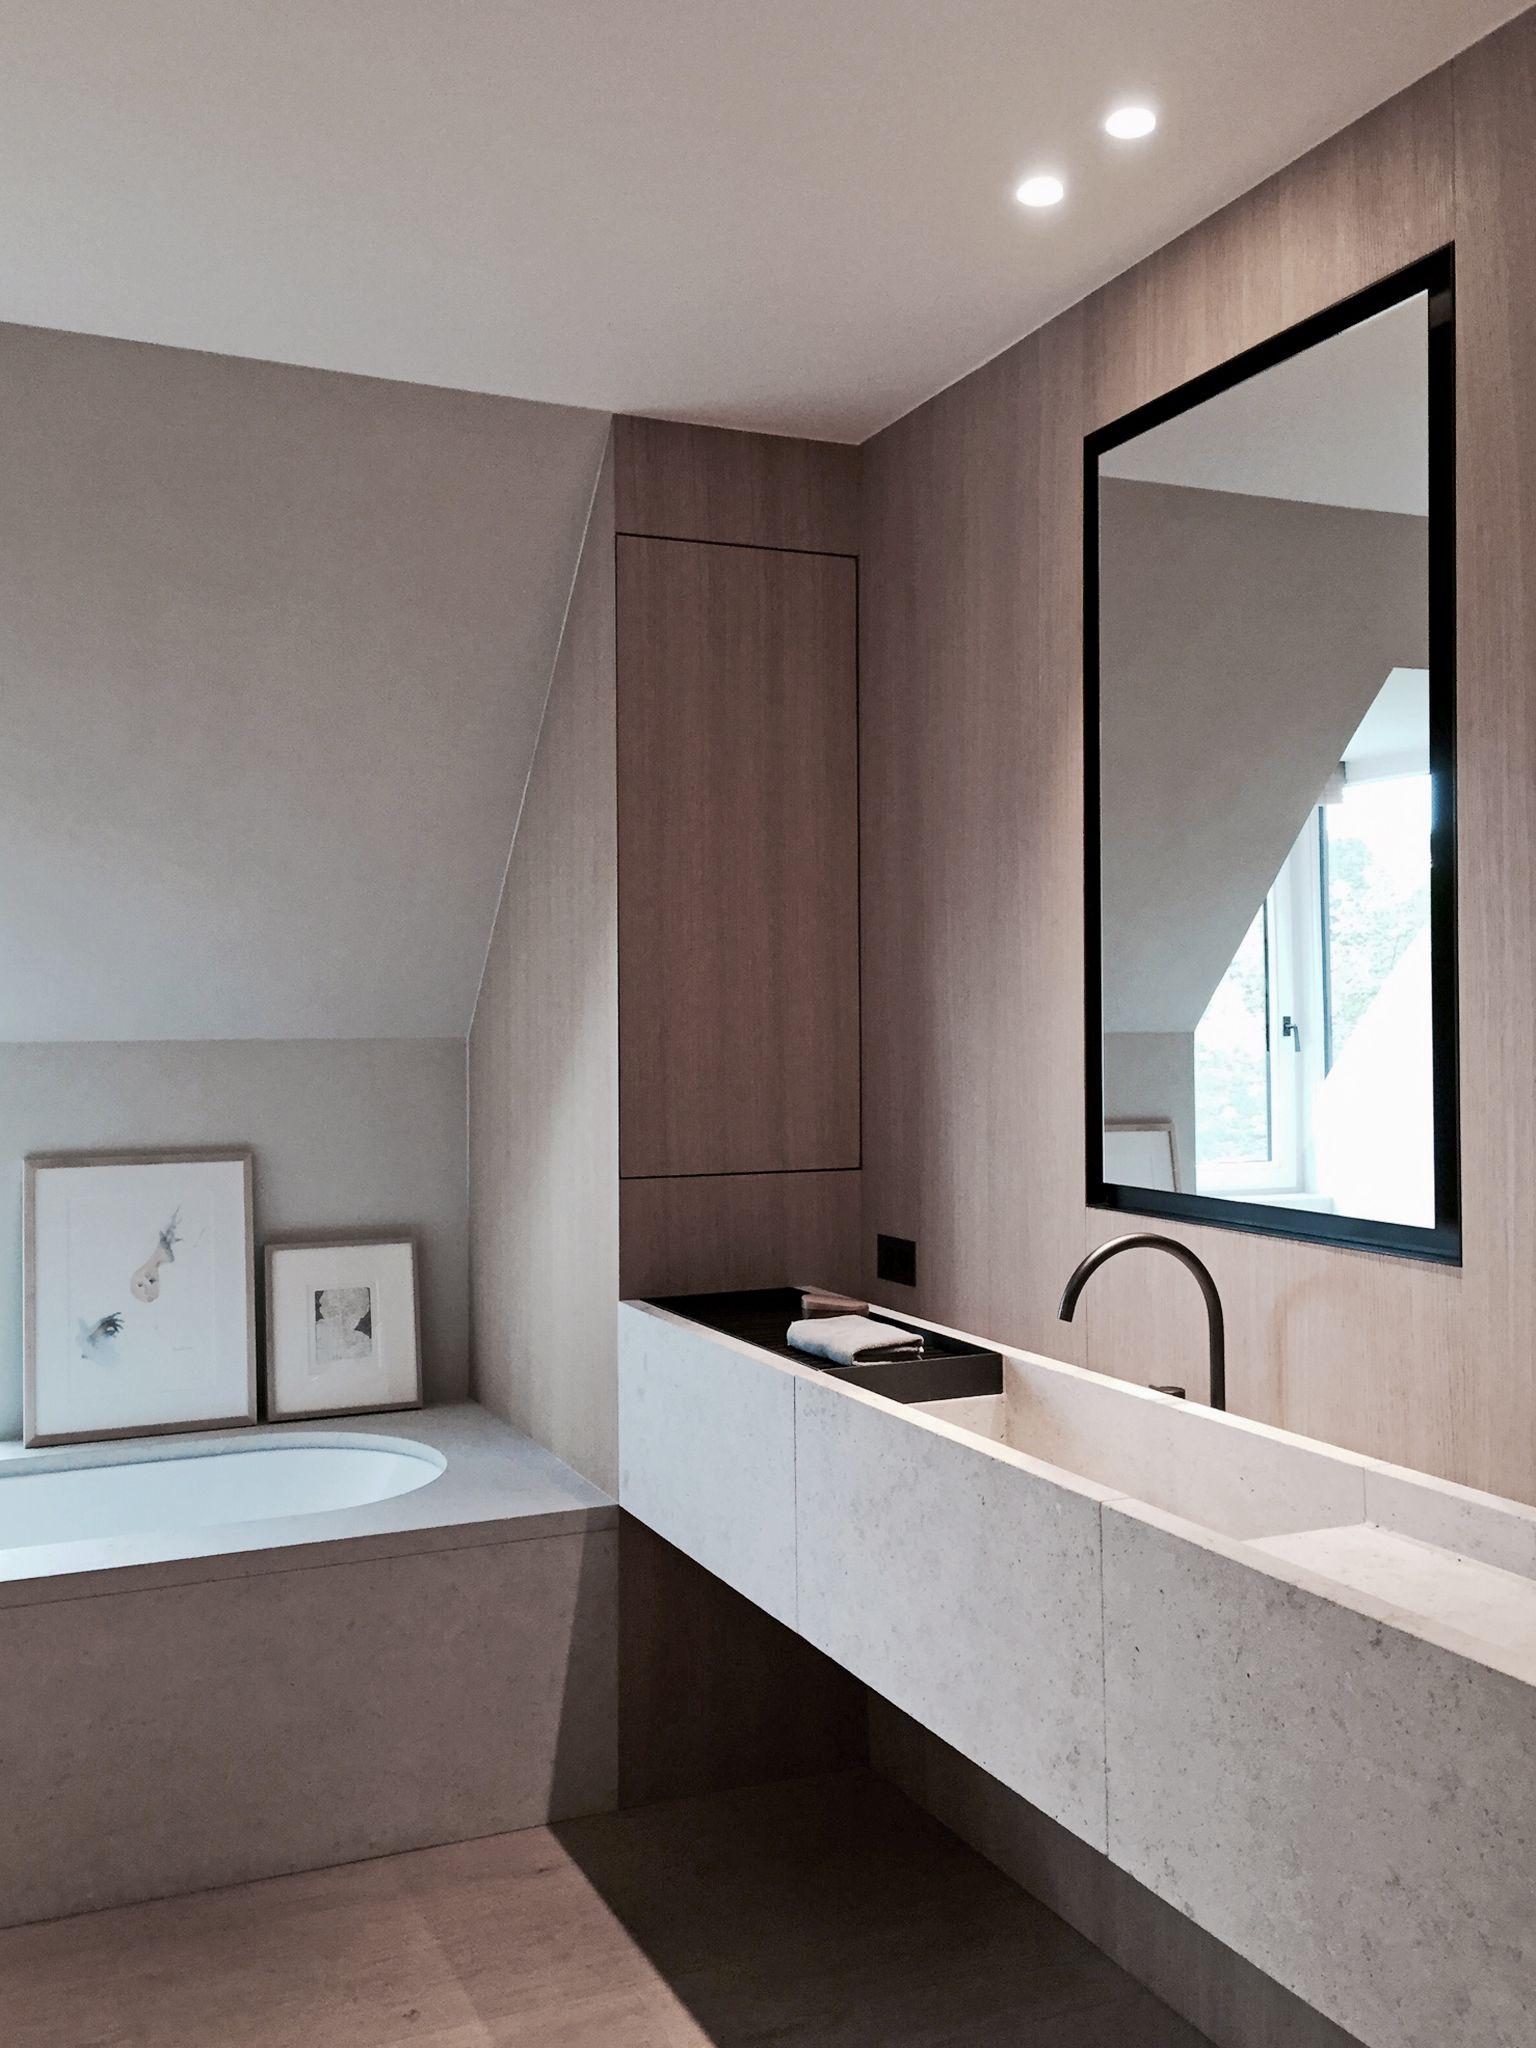 Stylish Sturdy Black Bathroom Taps  Modern Bathroom Inspiration Classy Hotel Bathroom Design Review